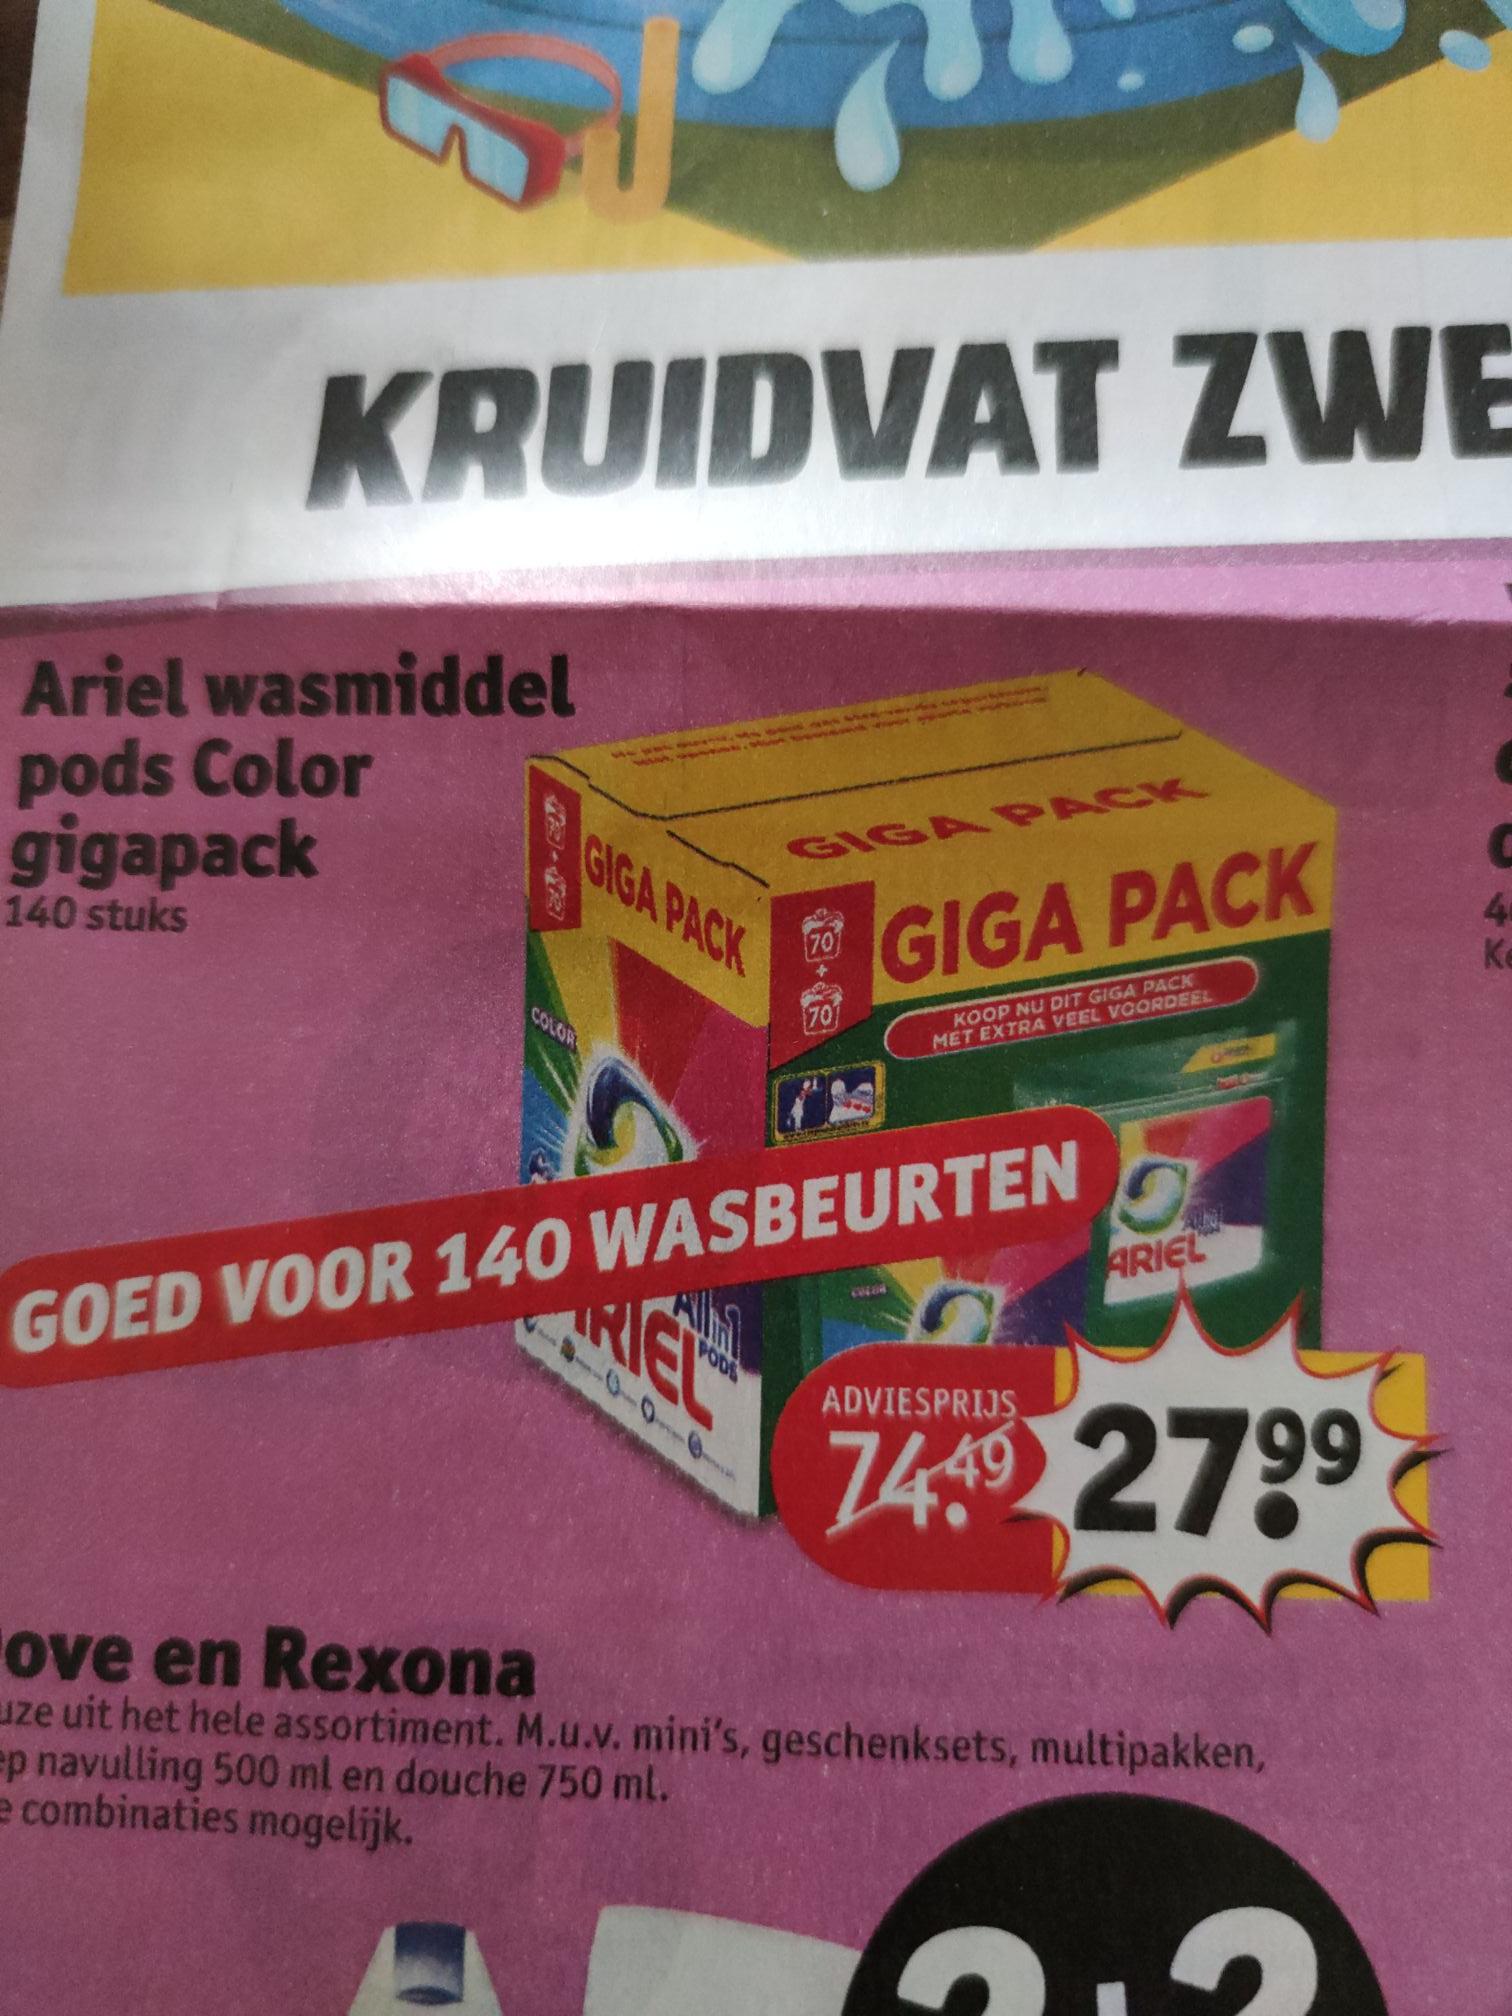 Ariel wasmiddel pods Color giga pack